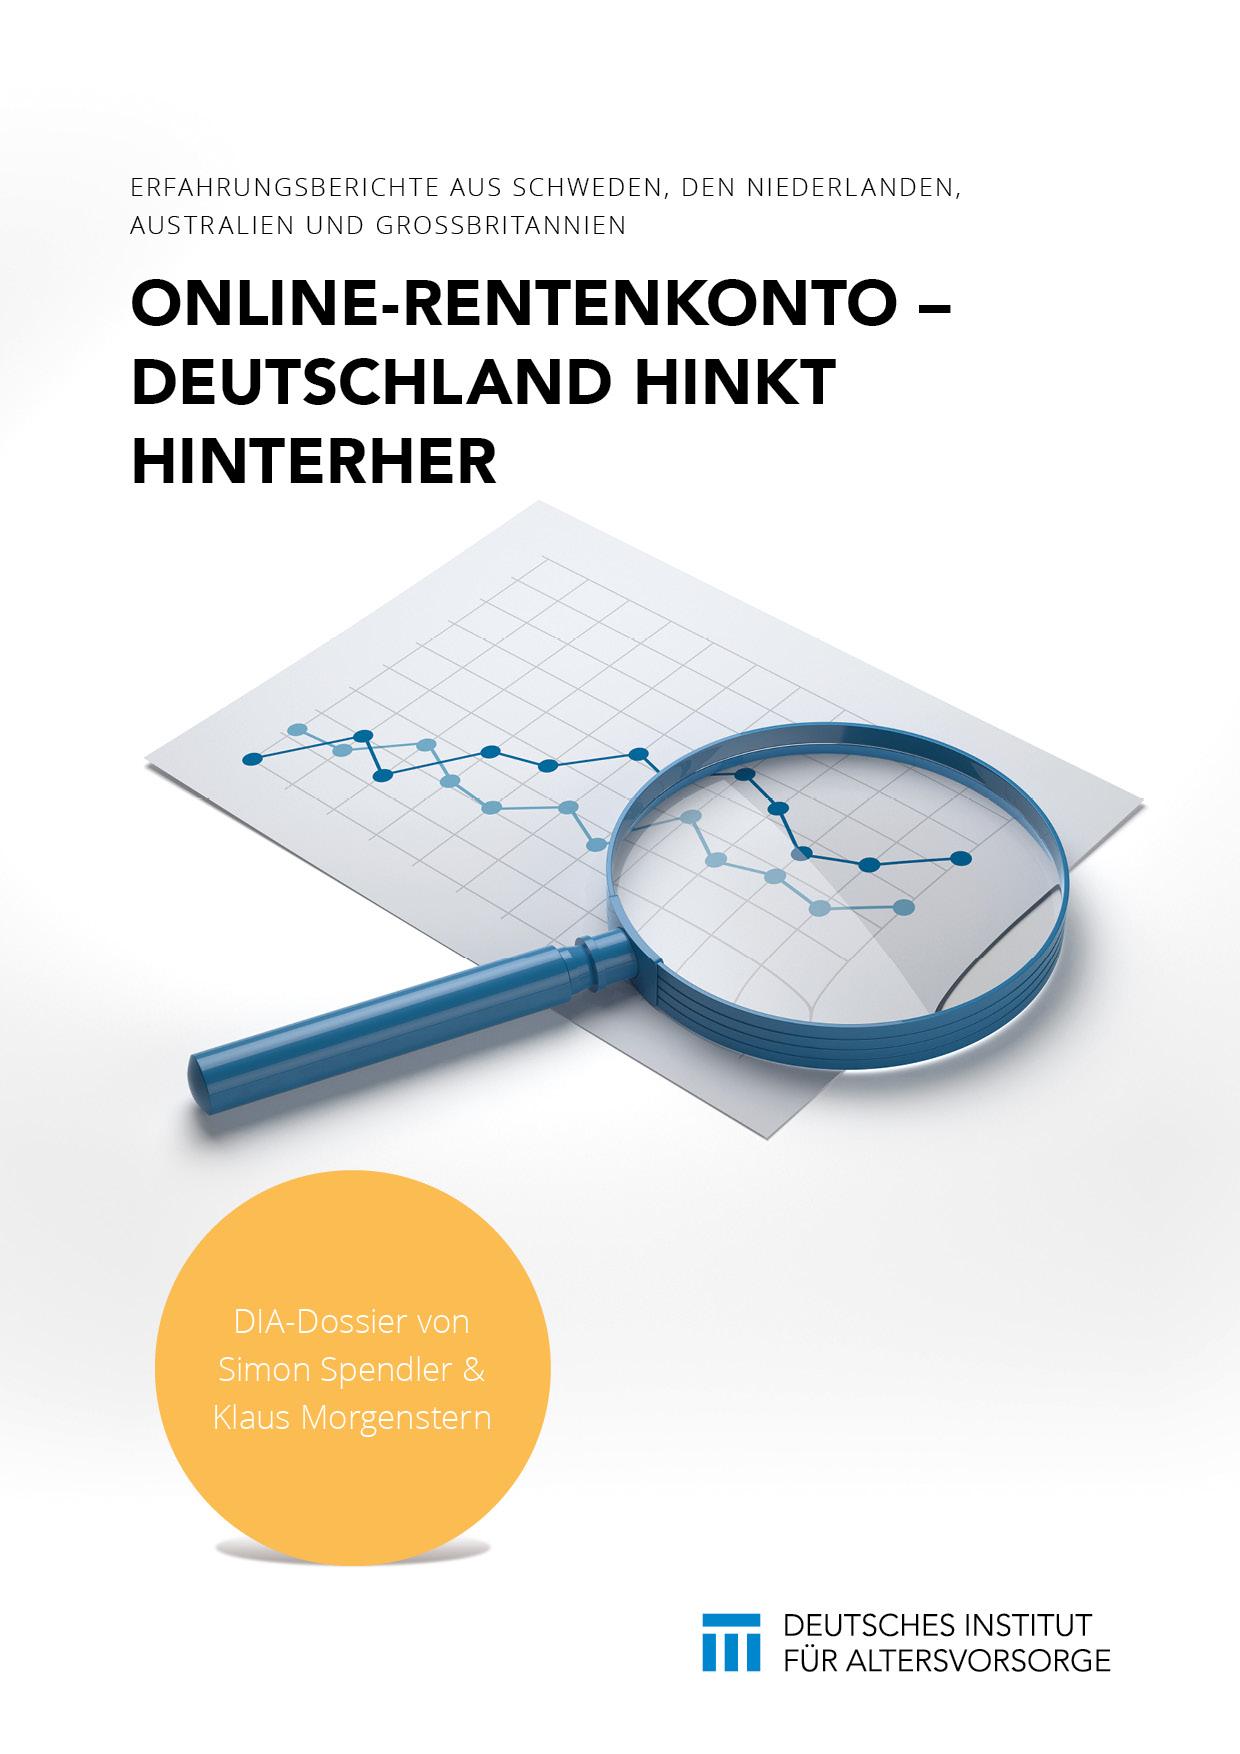 Vorschlag für ein Online-Rentenkonto